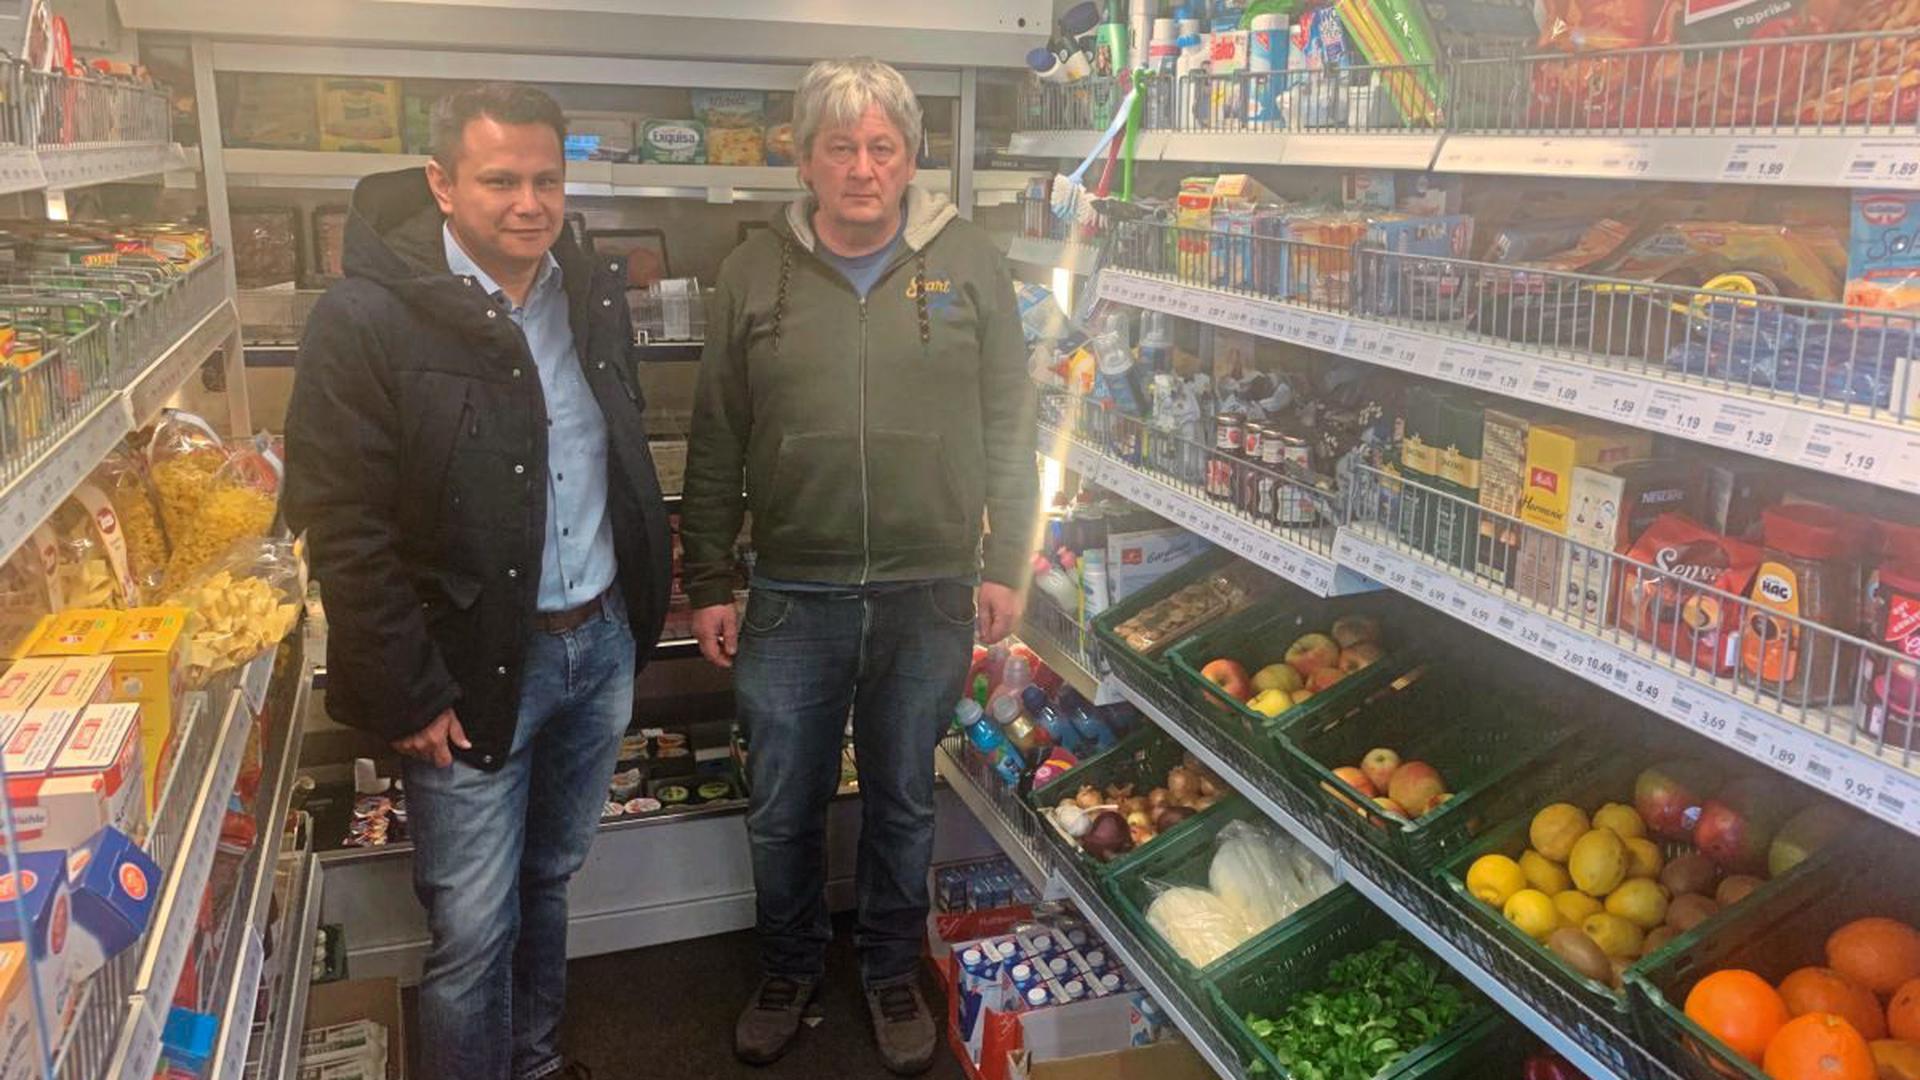 Siegfried Guggolz (rechts) und Ortsvorsteher Timo Hagino hoffen, dass sich der rollende Supermarkt mit seinem großzügigen Warenangebot auch in Rinklingen etabliert und von der Bevölkerung angenommen wird.